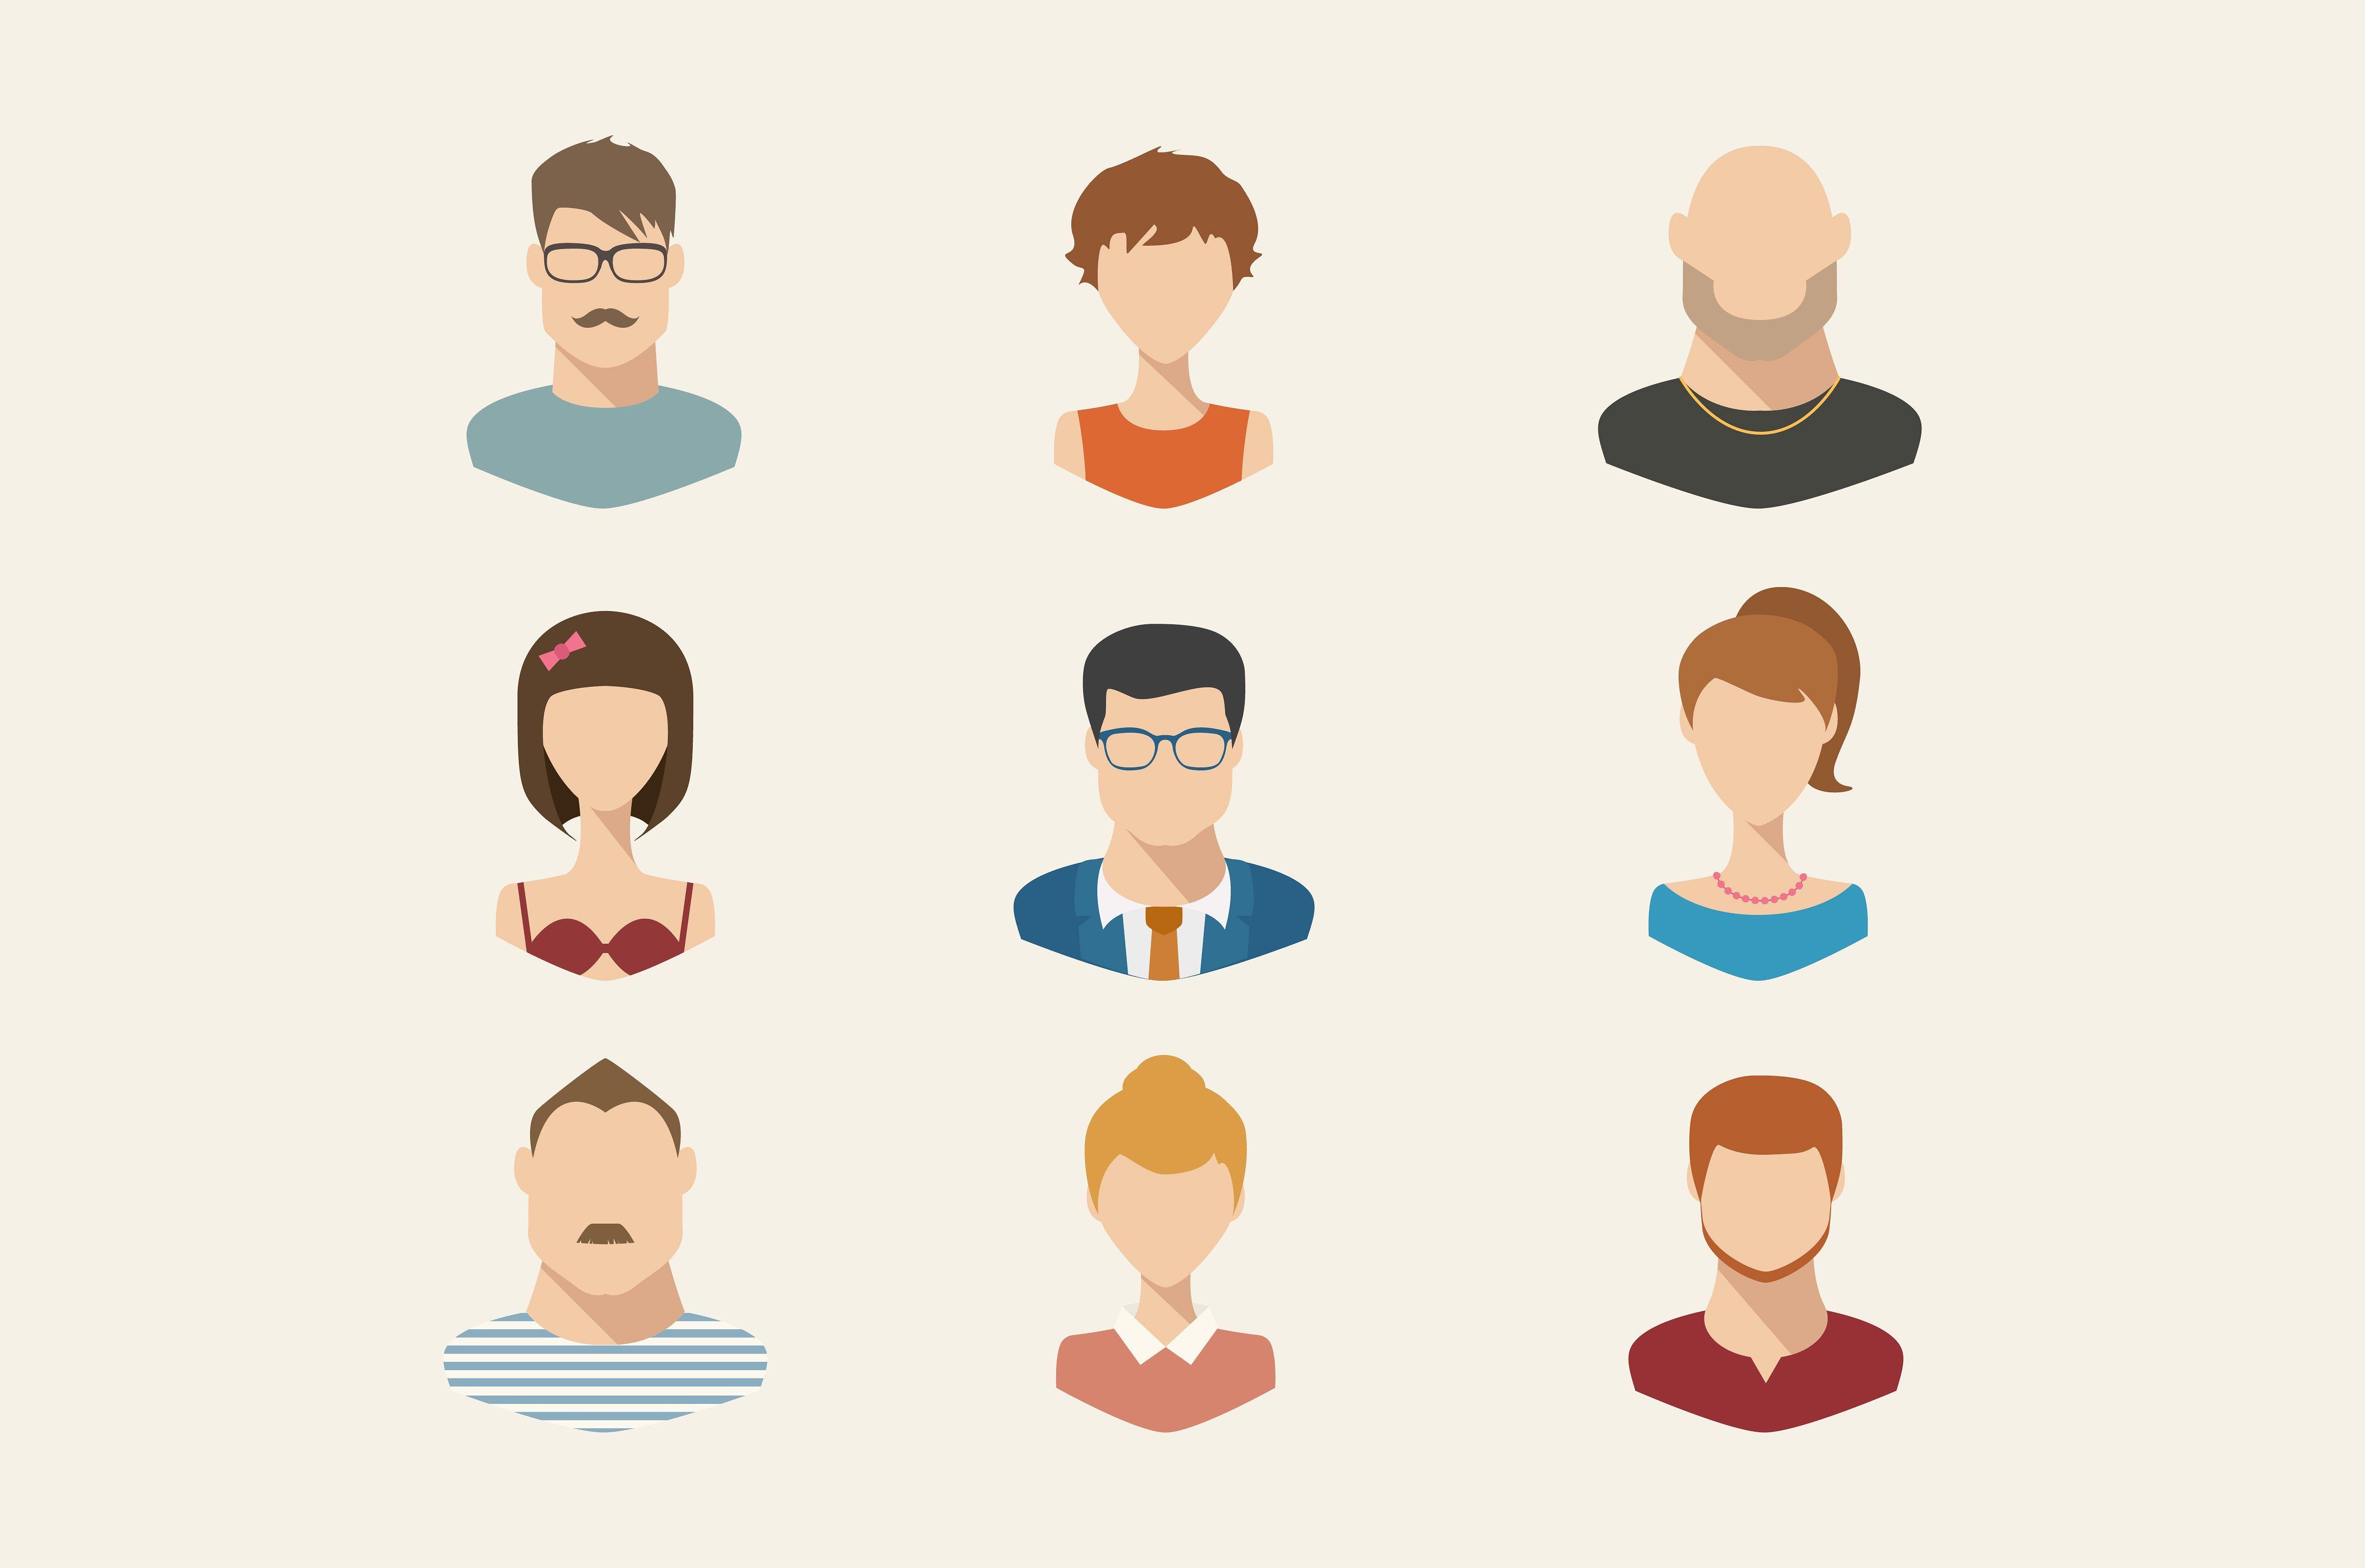 People icons, people avatars, flat peopleavatarsPeople